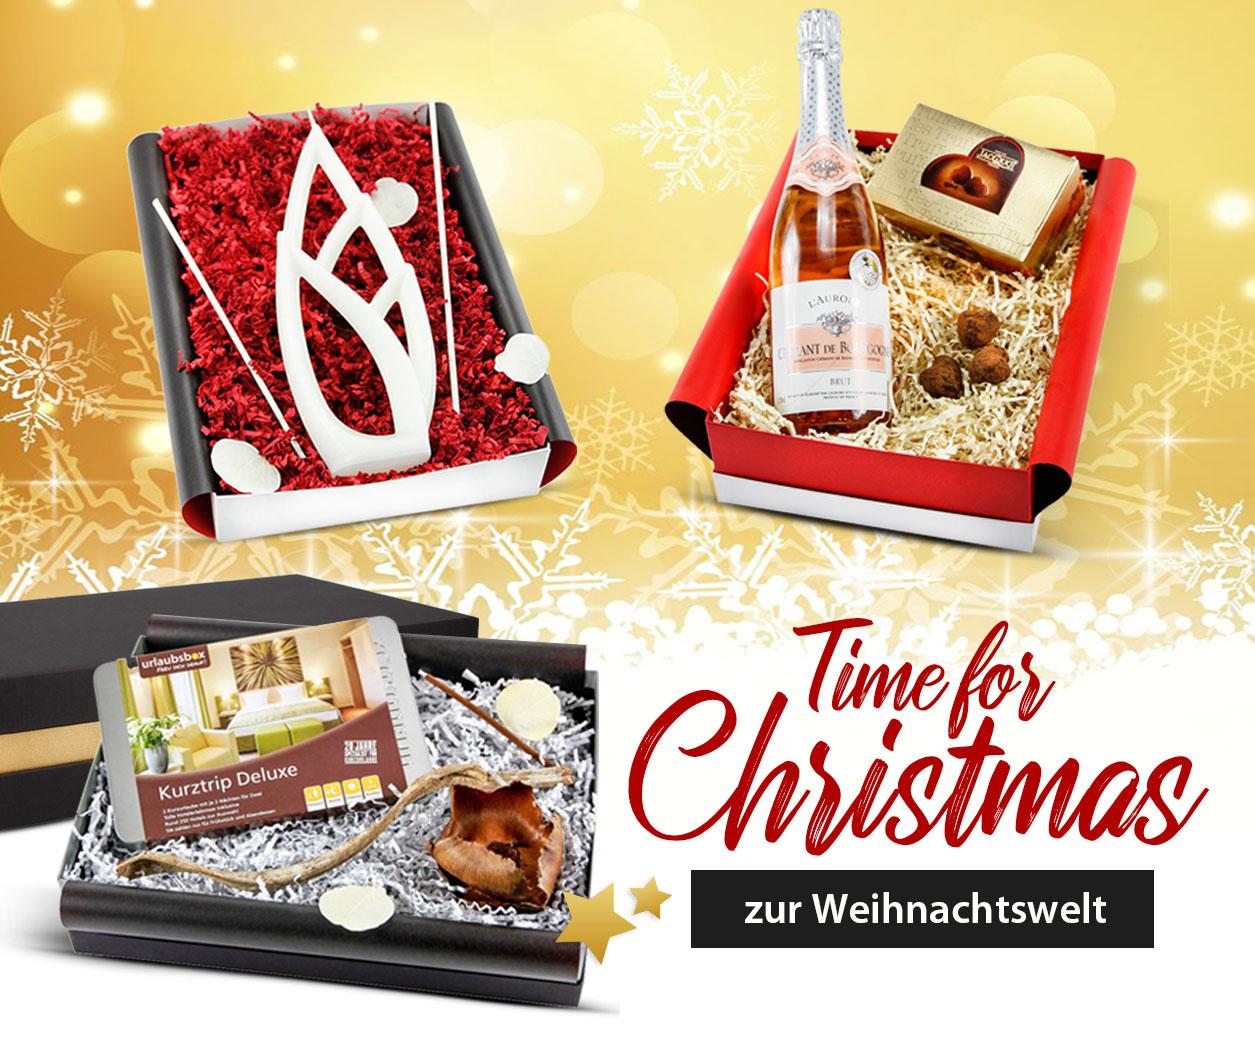 Weihnachtsgeschenke online bestellen